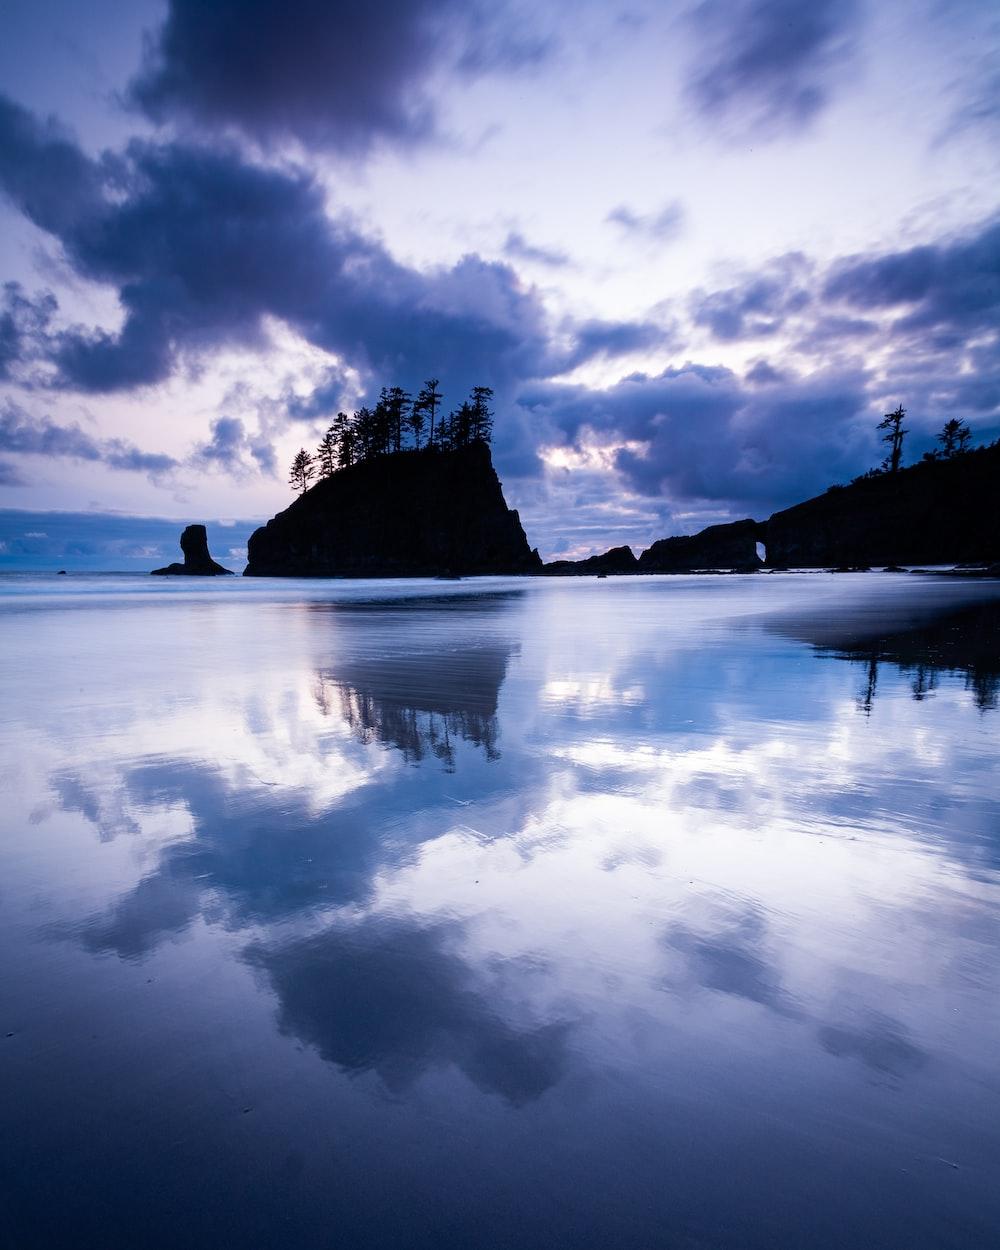 island under grey clouds during daytime